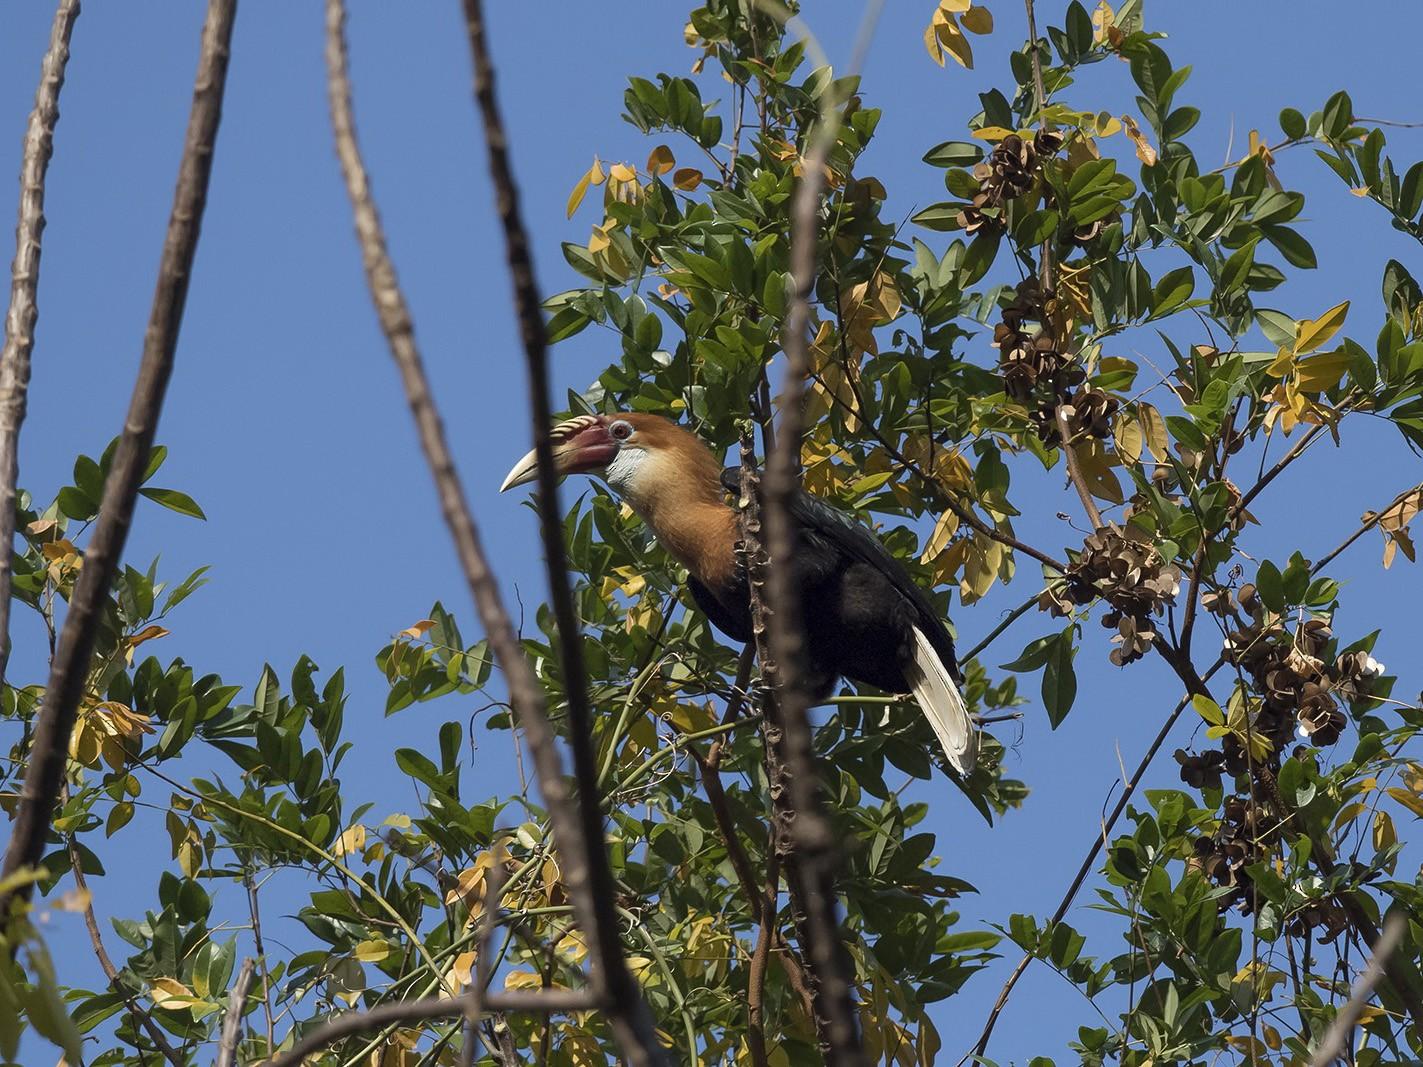 Narcondam Hornbill - Esha Munshi